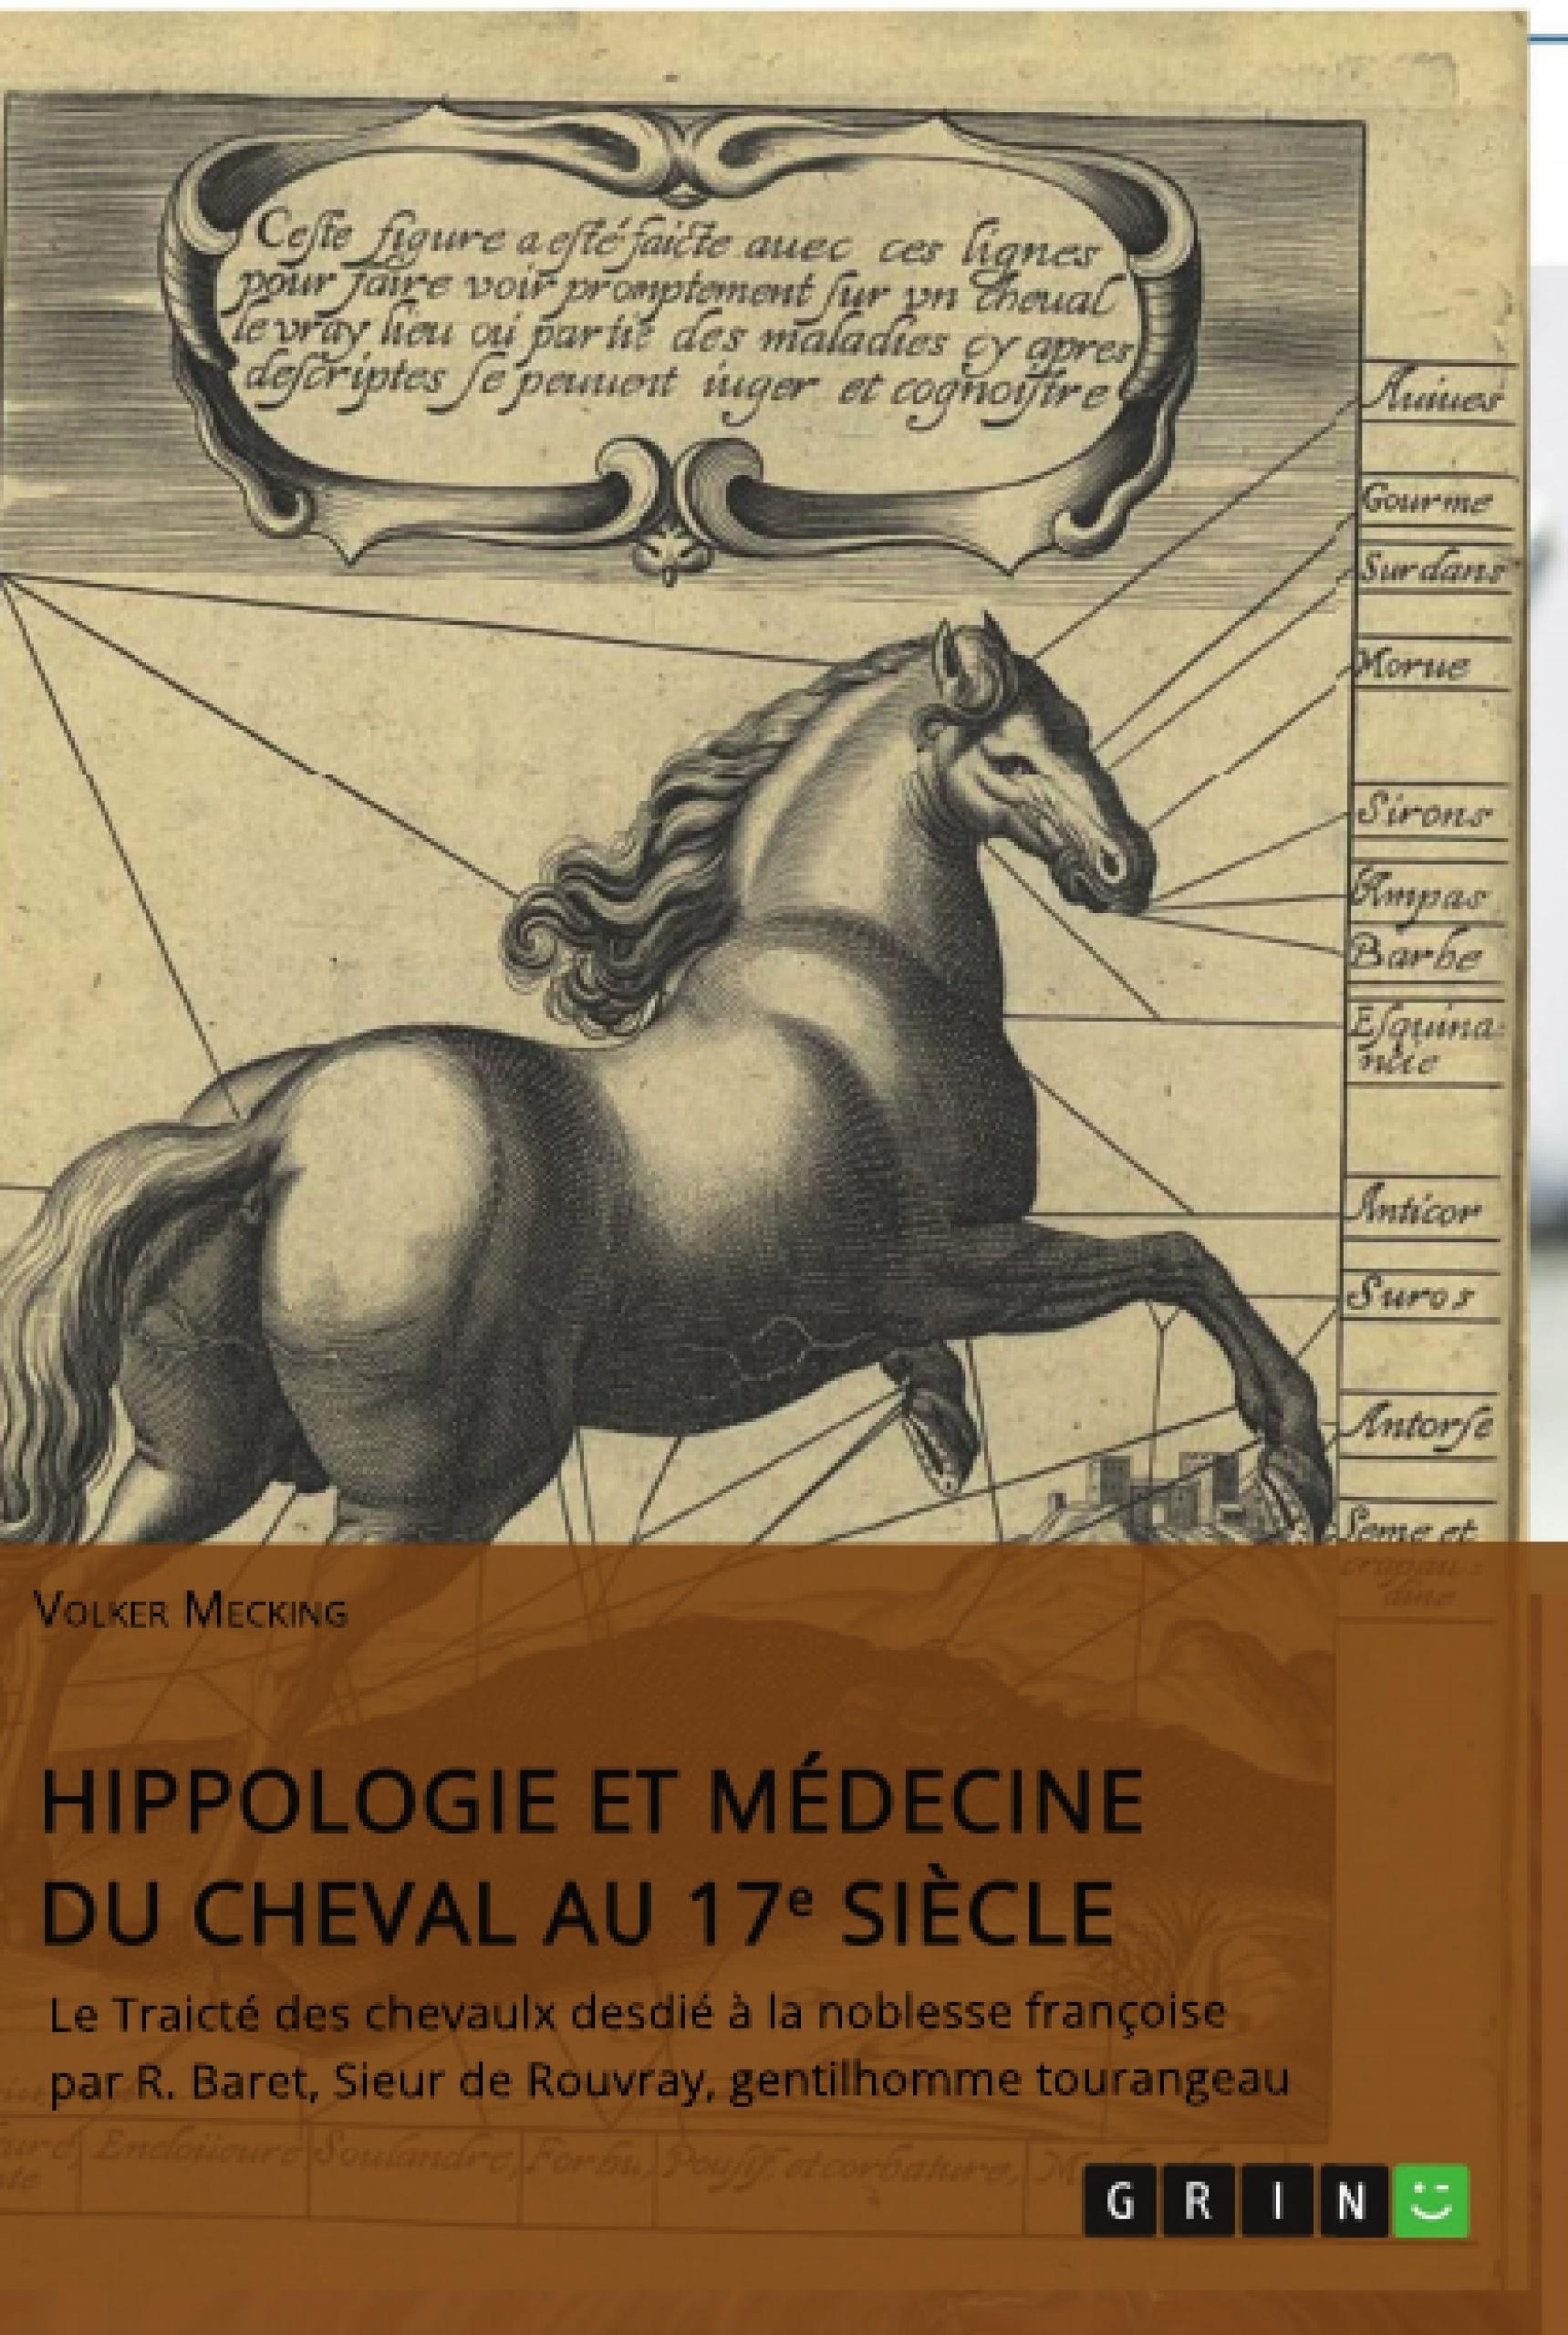 Titre: Hippologie et médecine du cheval au 17e siècle